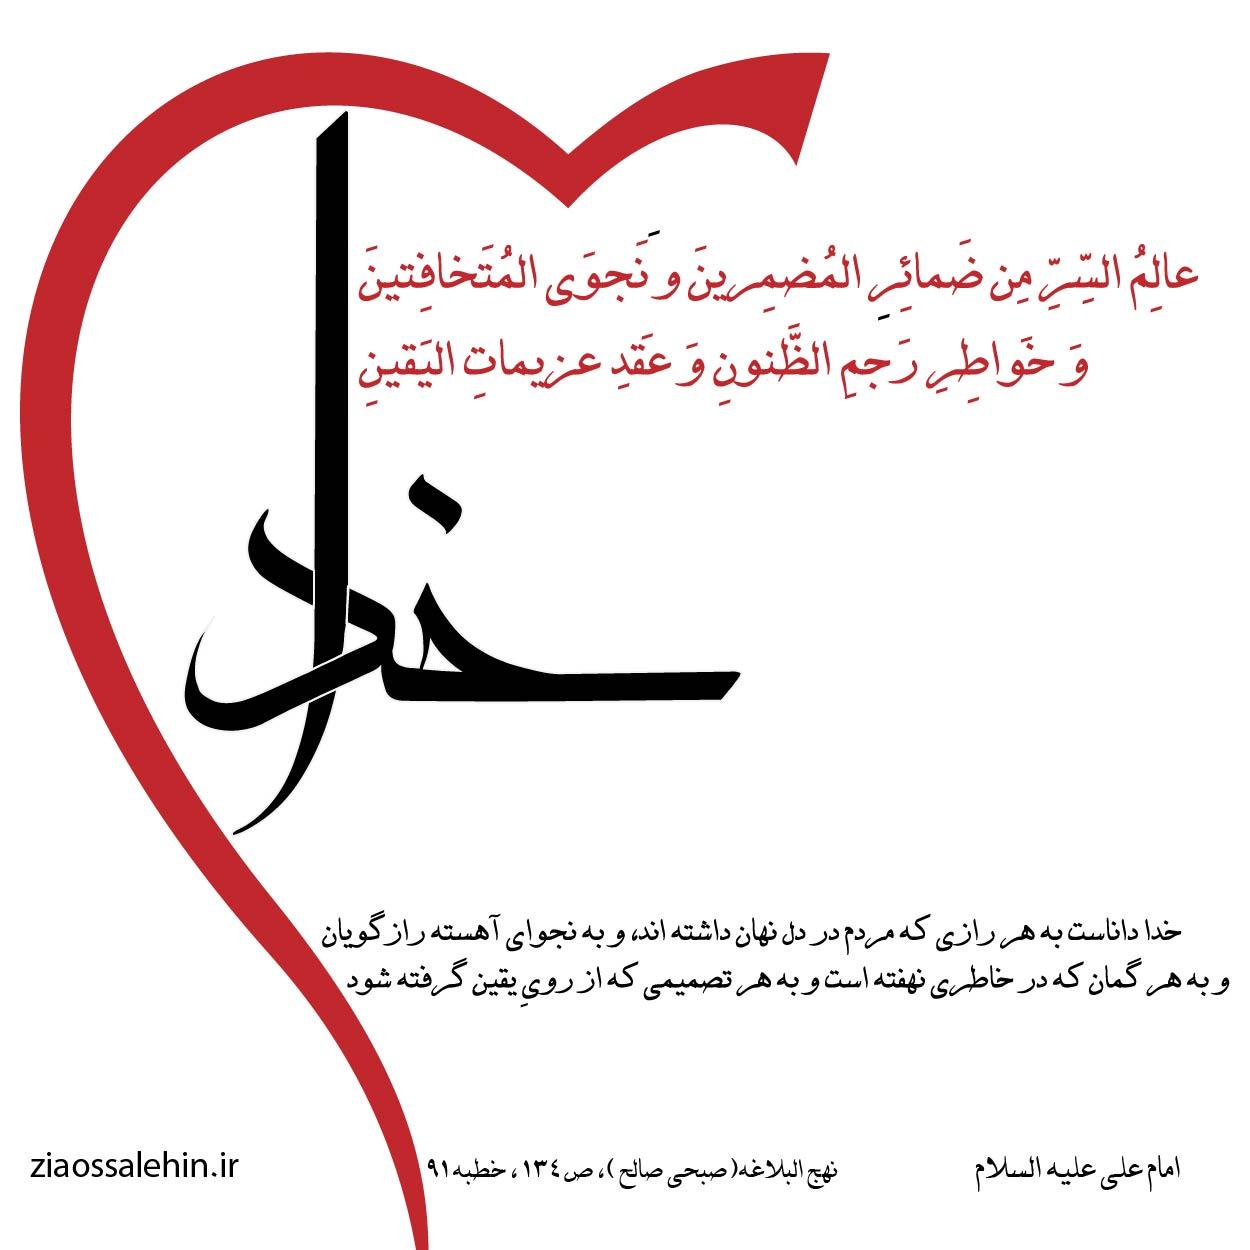 خدا در قلب انسان